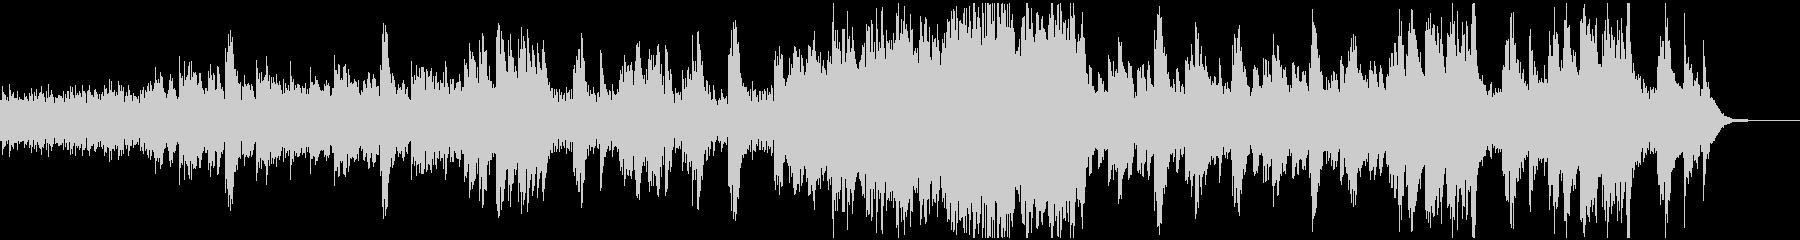 ピアノが幻想的なSF系BGMの未再生の波形